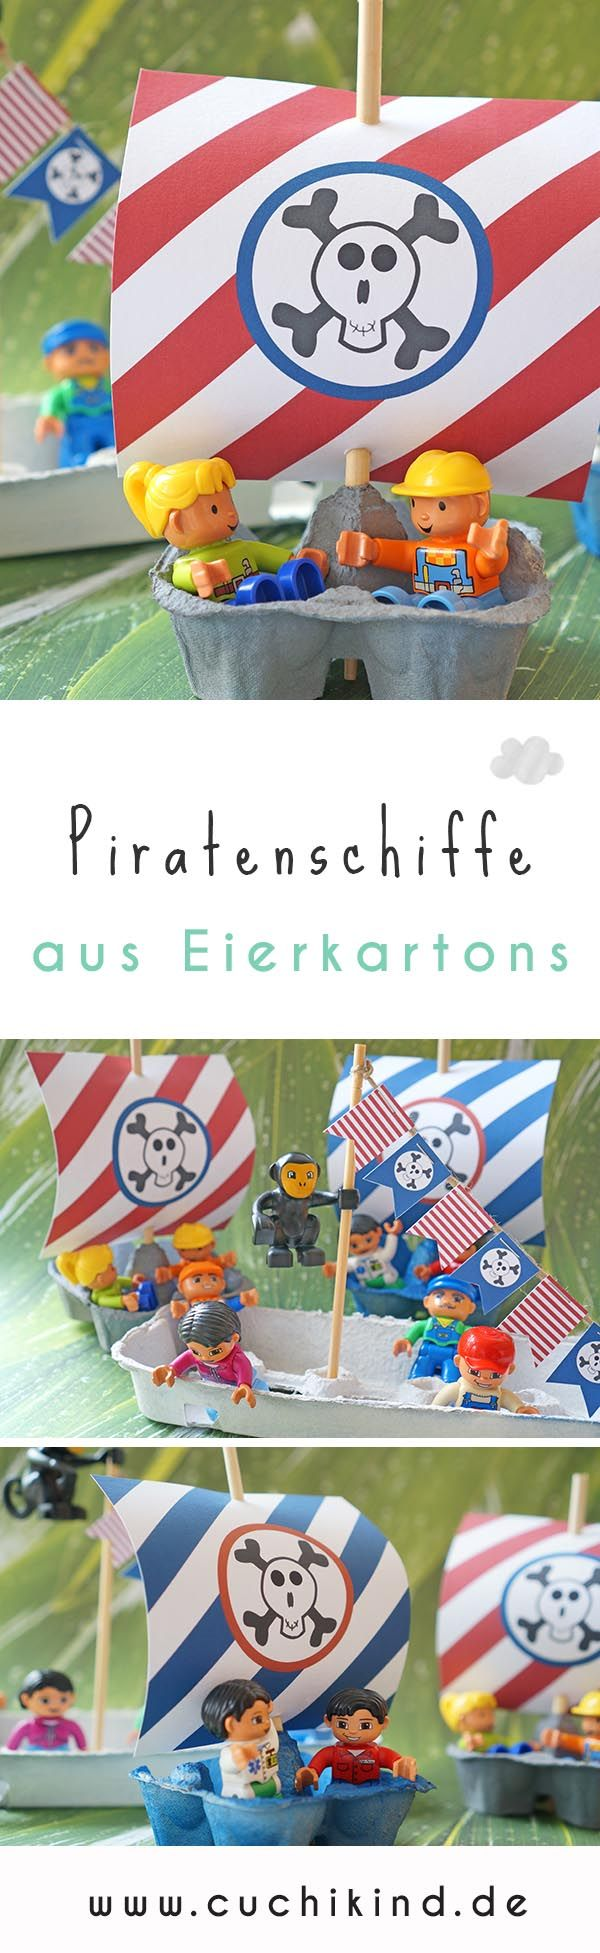 Piratenschiffe aus Eierkartons